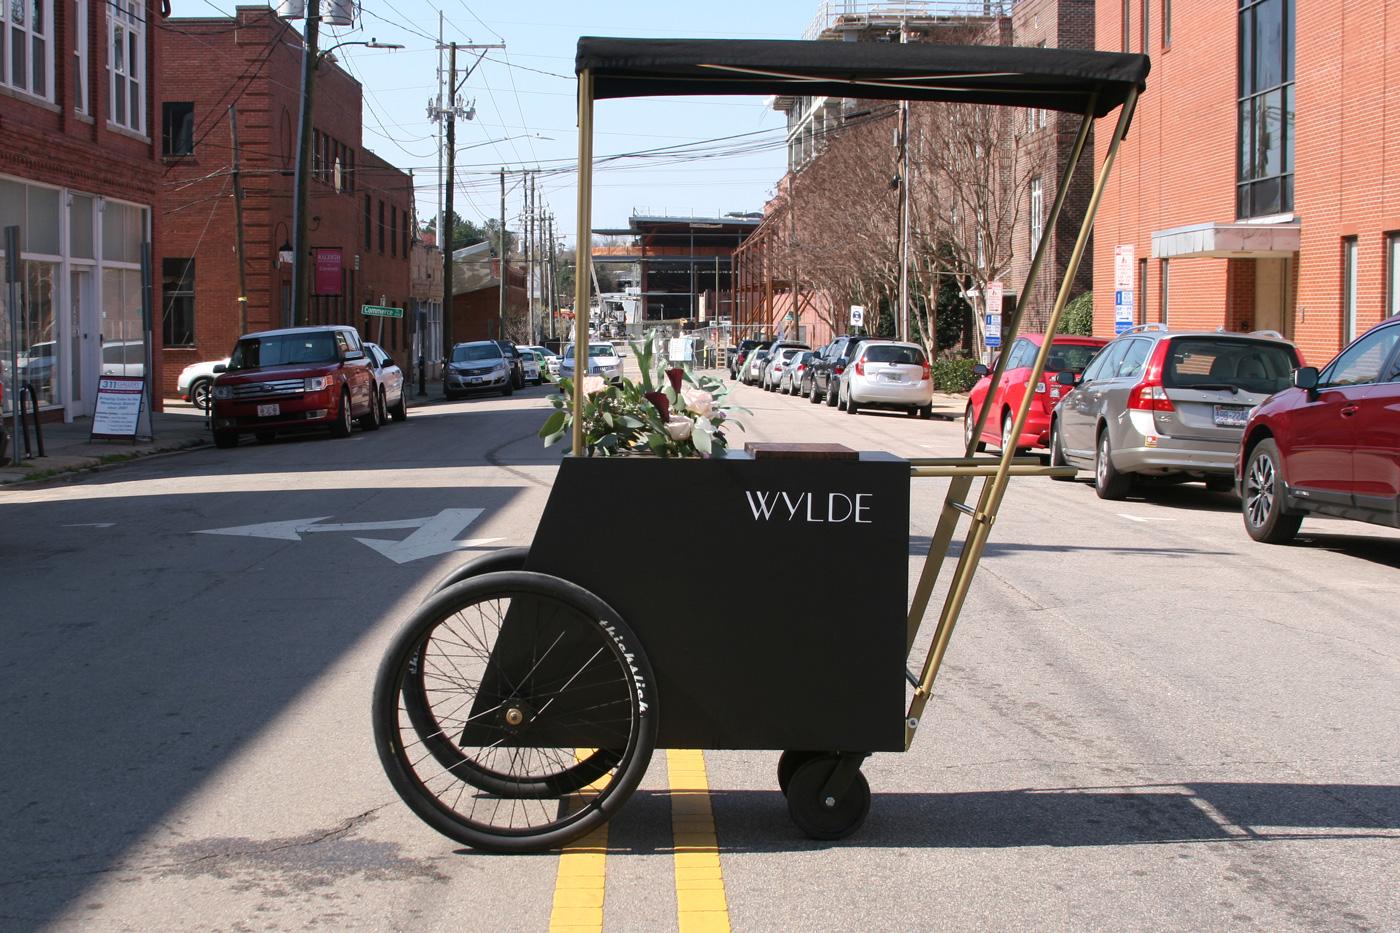 Wylde Flower Cart